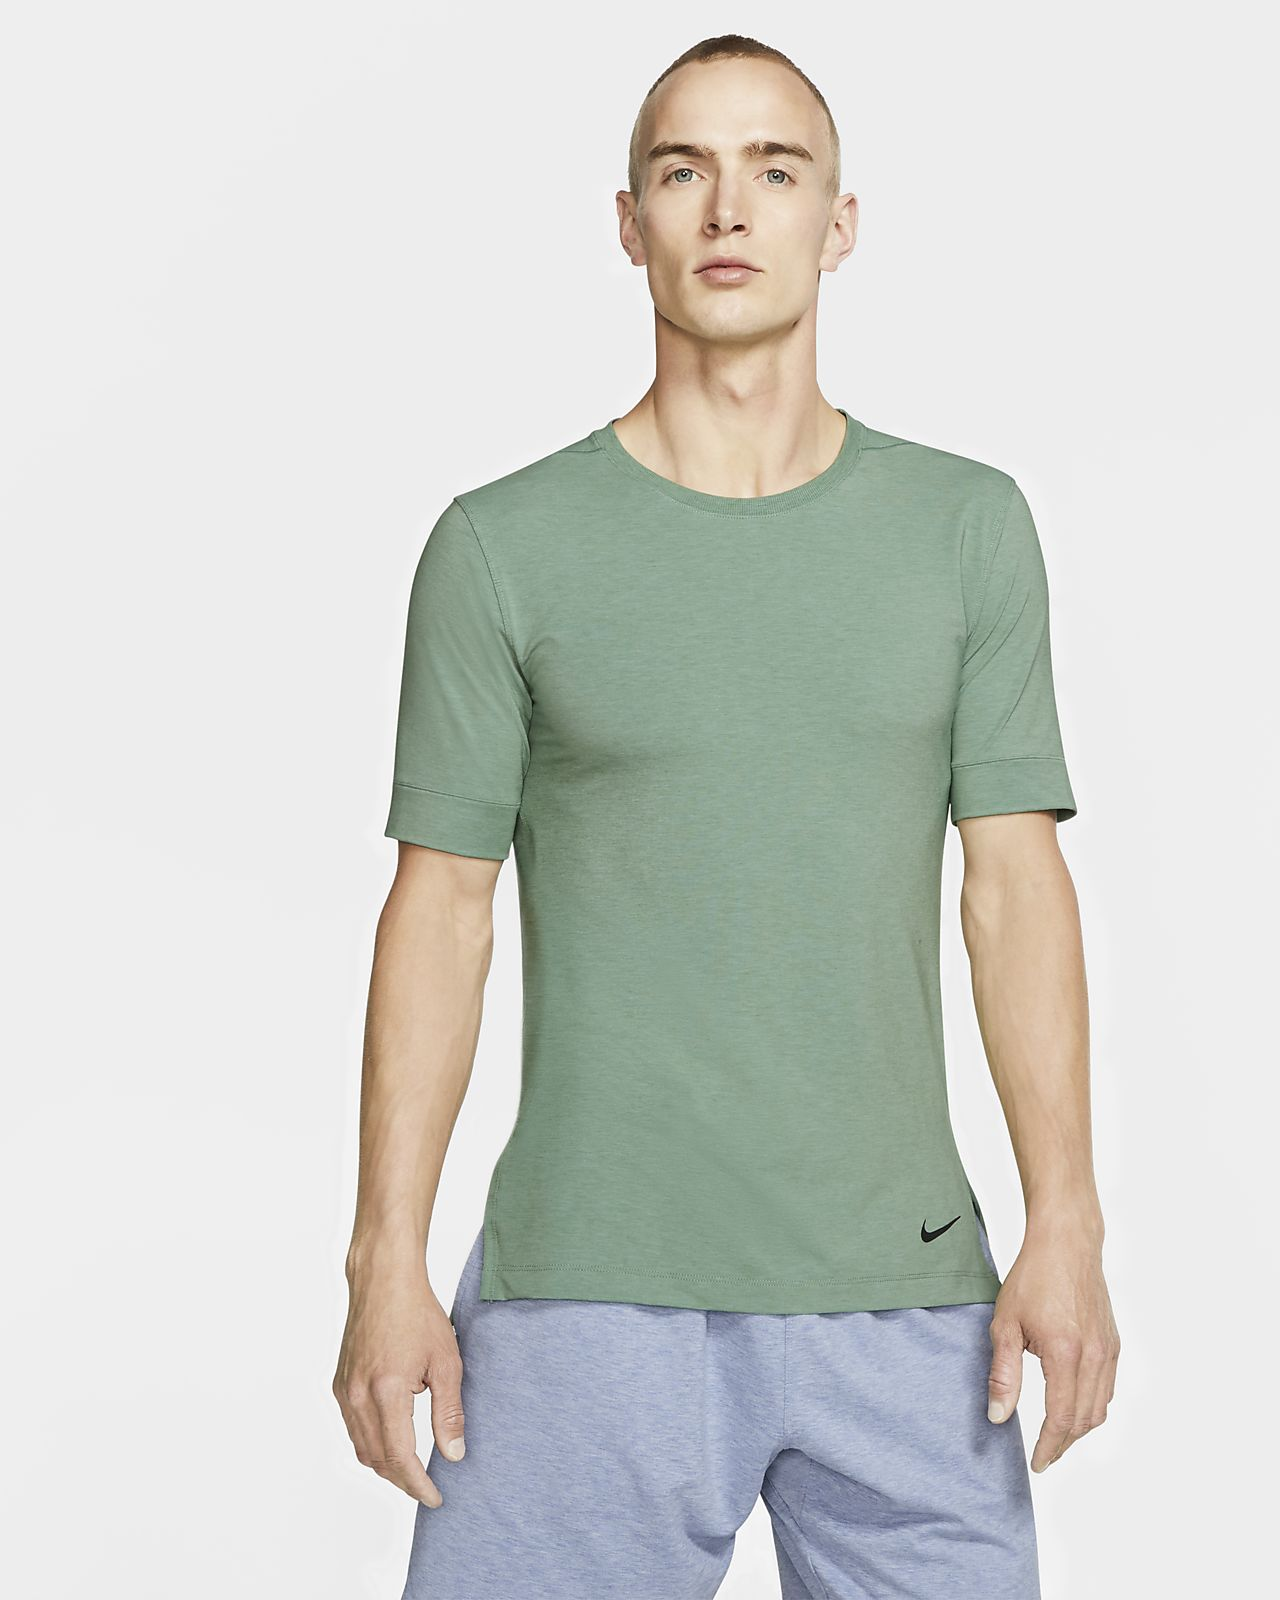 Nike Dri-FIT Kısa Kollu Erkek Yoga Antrenman Üstü